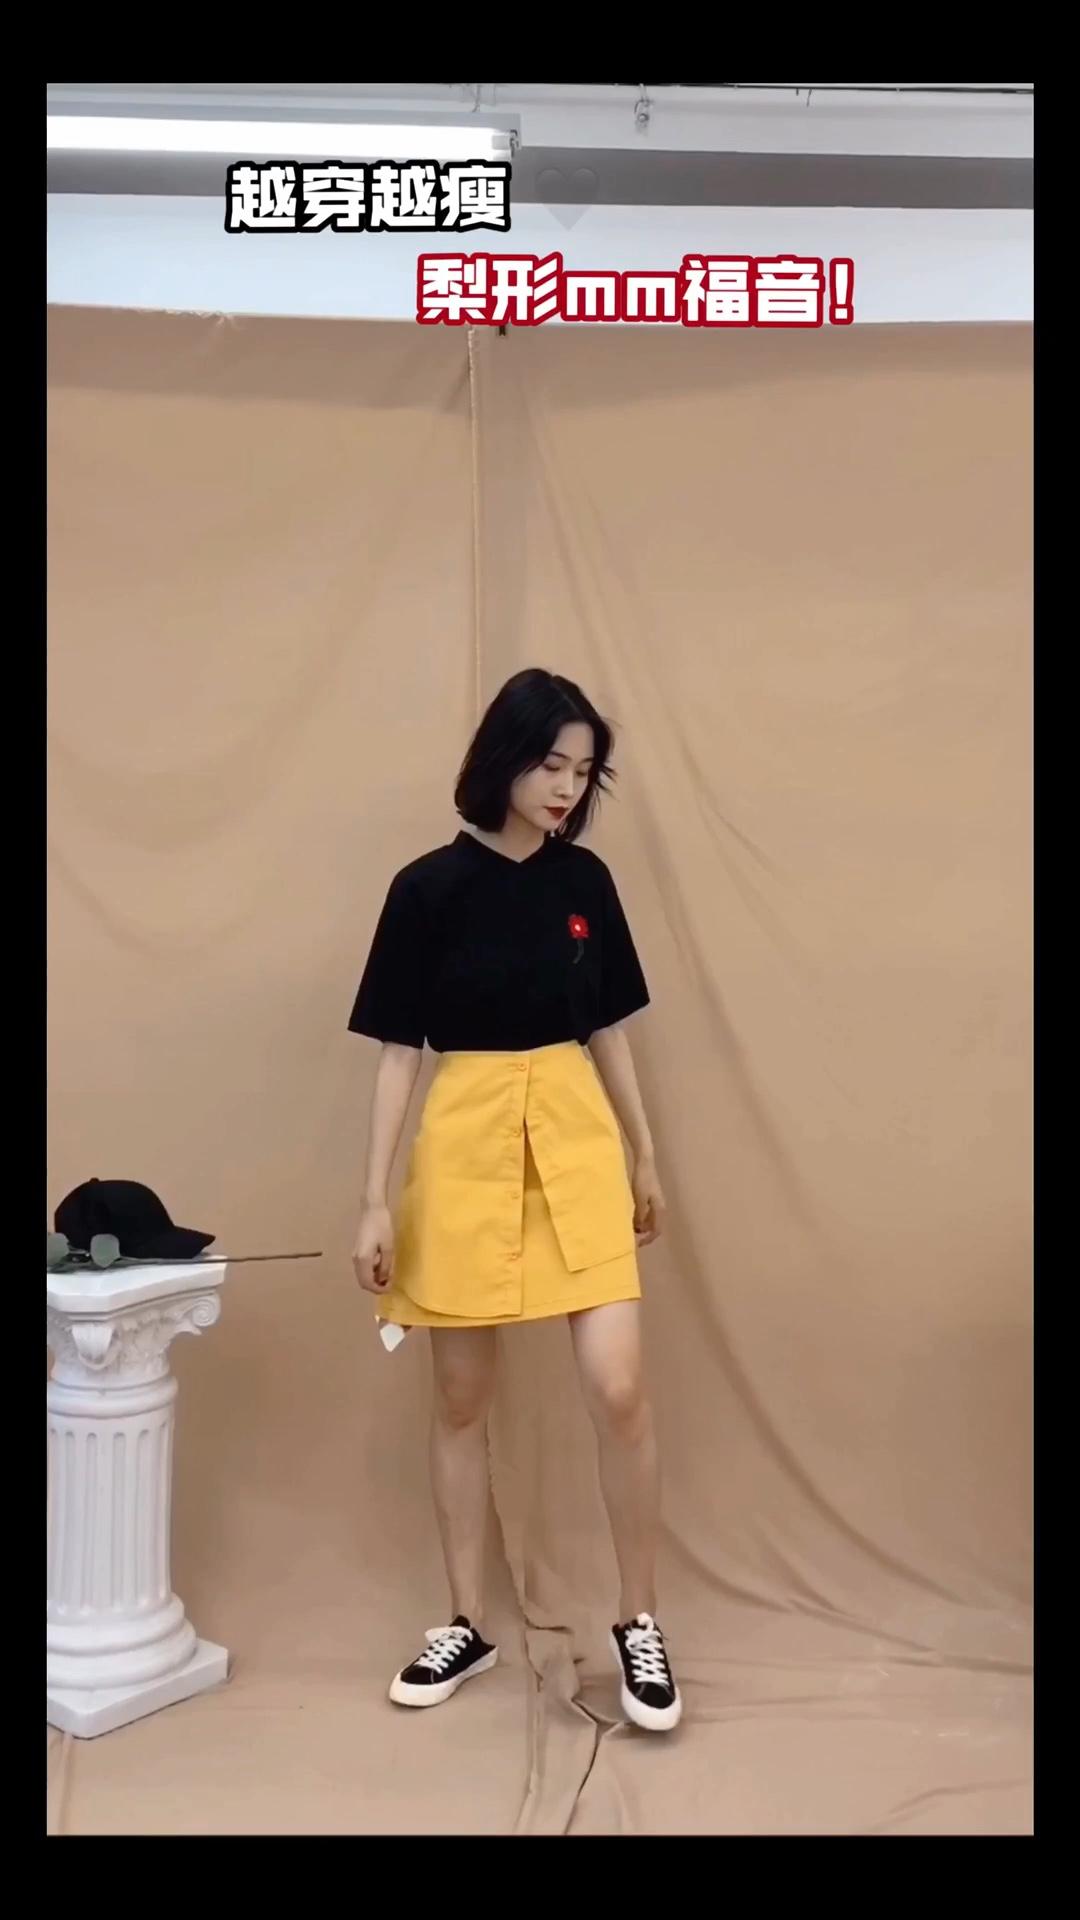 #越穿越瘦,梨形mm福音#  身高166 体重92 (尺码S  这一套搭配就是韩范的感觉啦!黑色小花T➕不规则半身裙,比例分明,完美的修饰梨形身材~还很减龄哟~